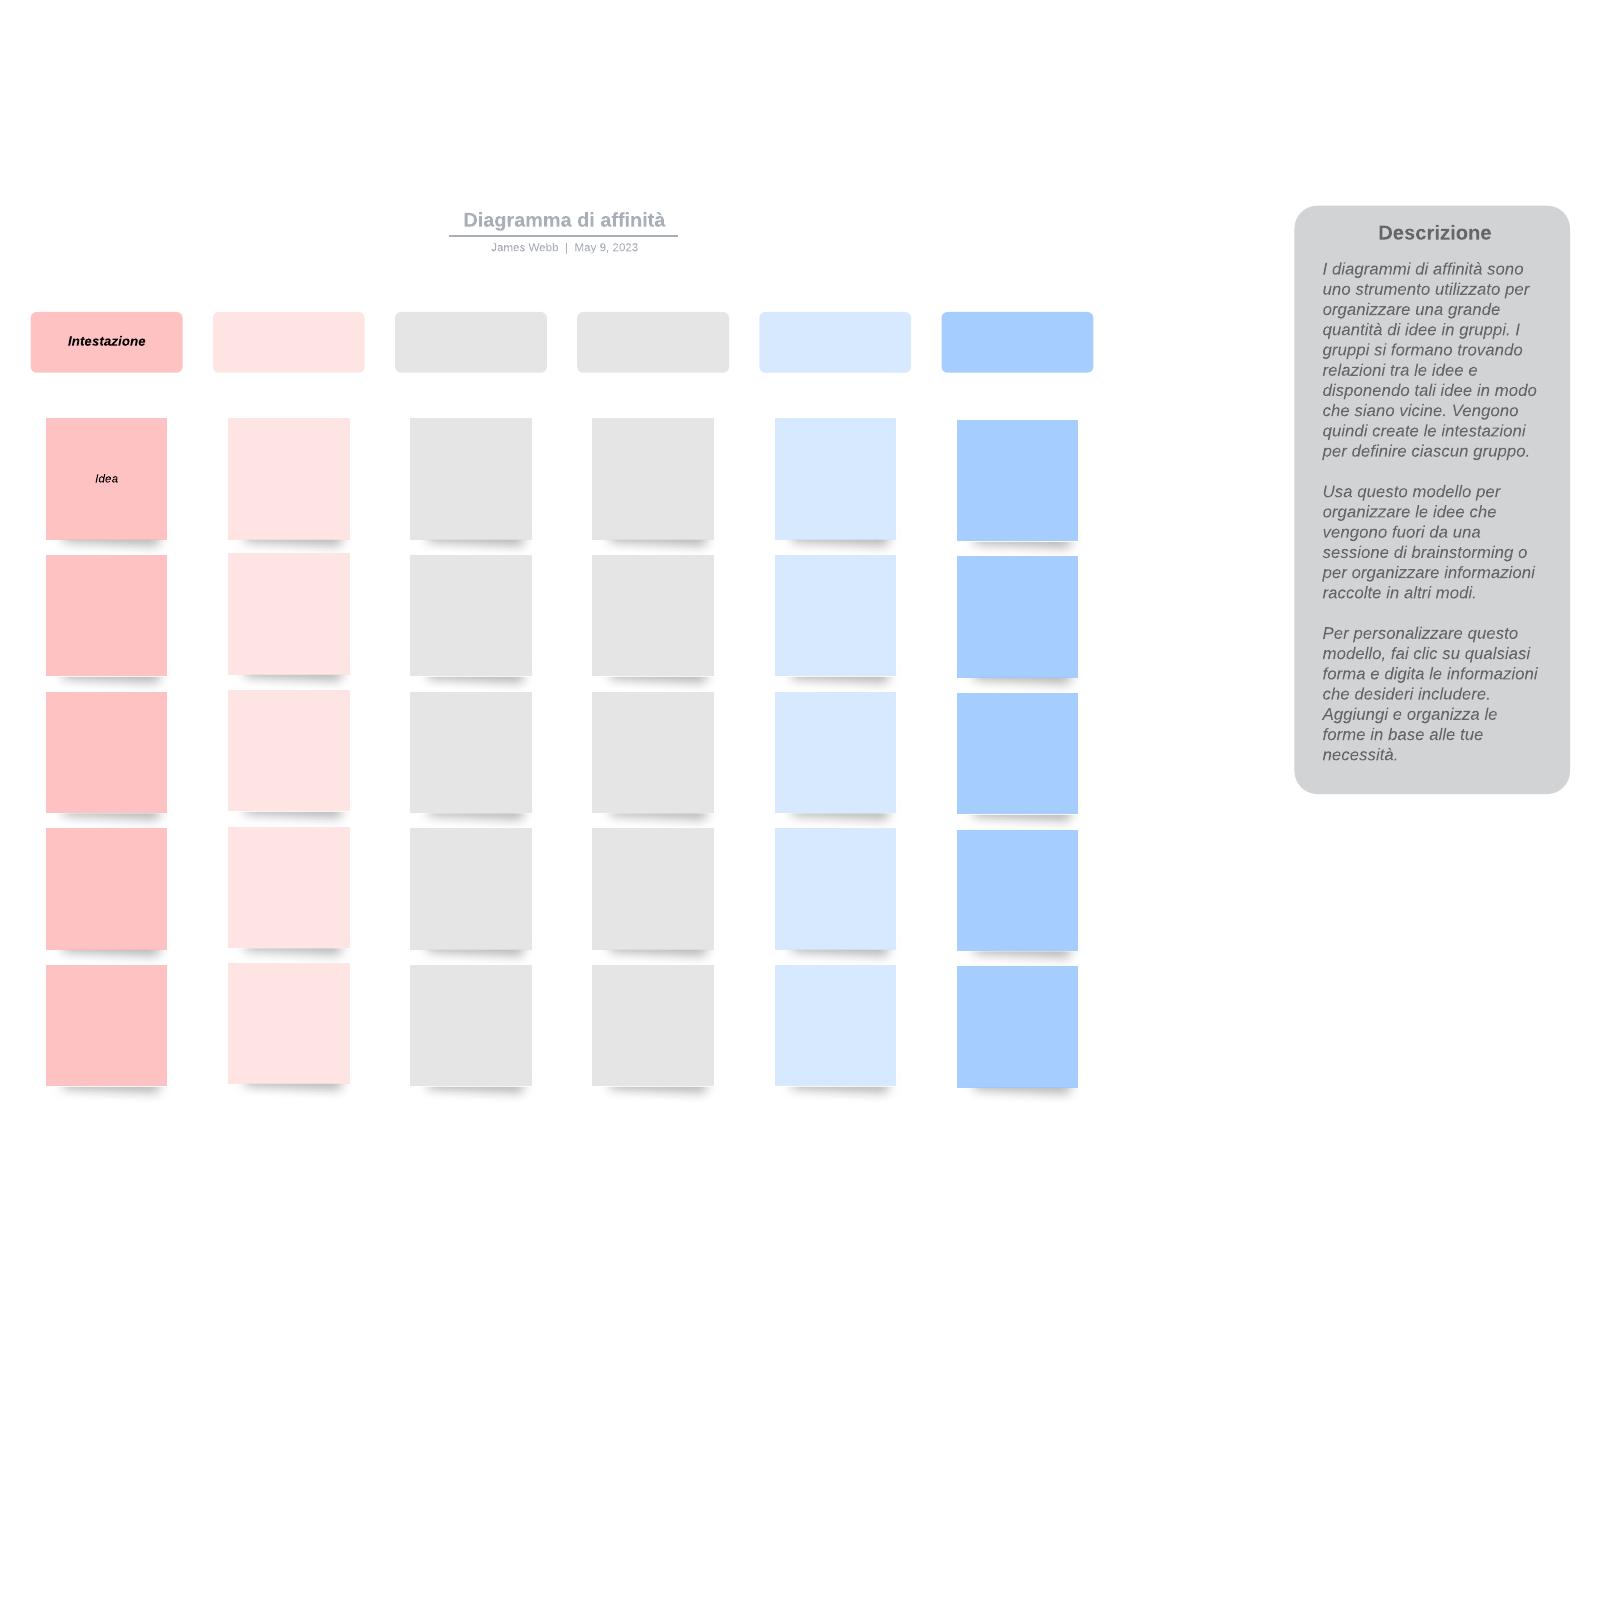 Diagramma di affinità